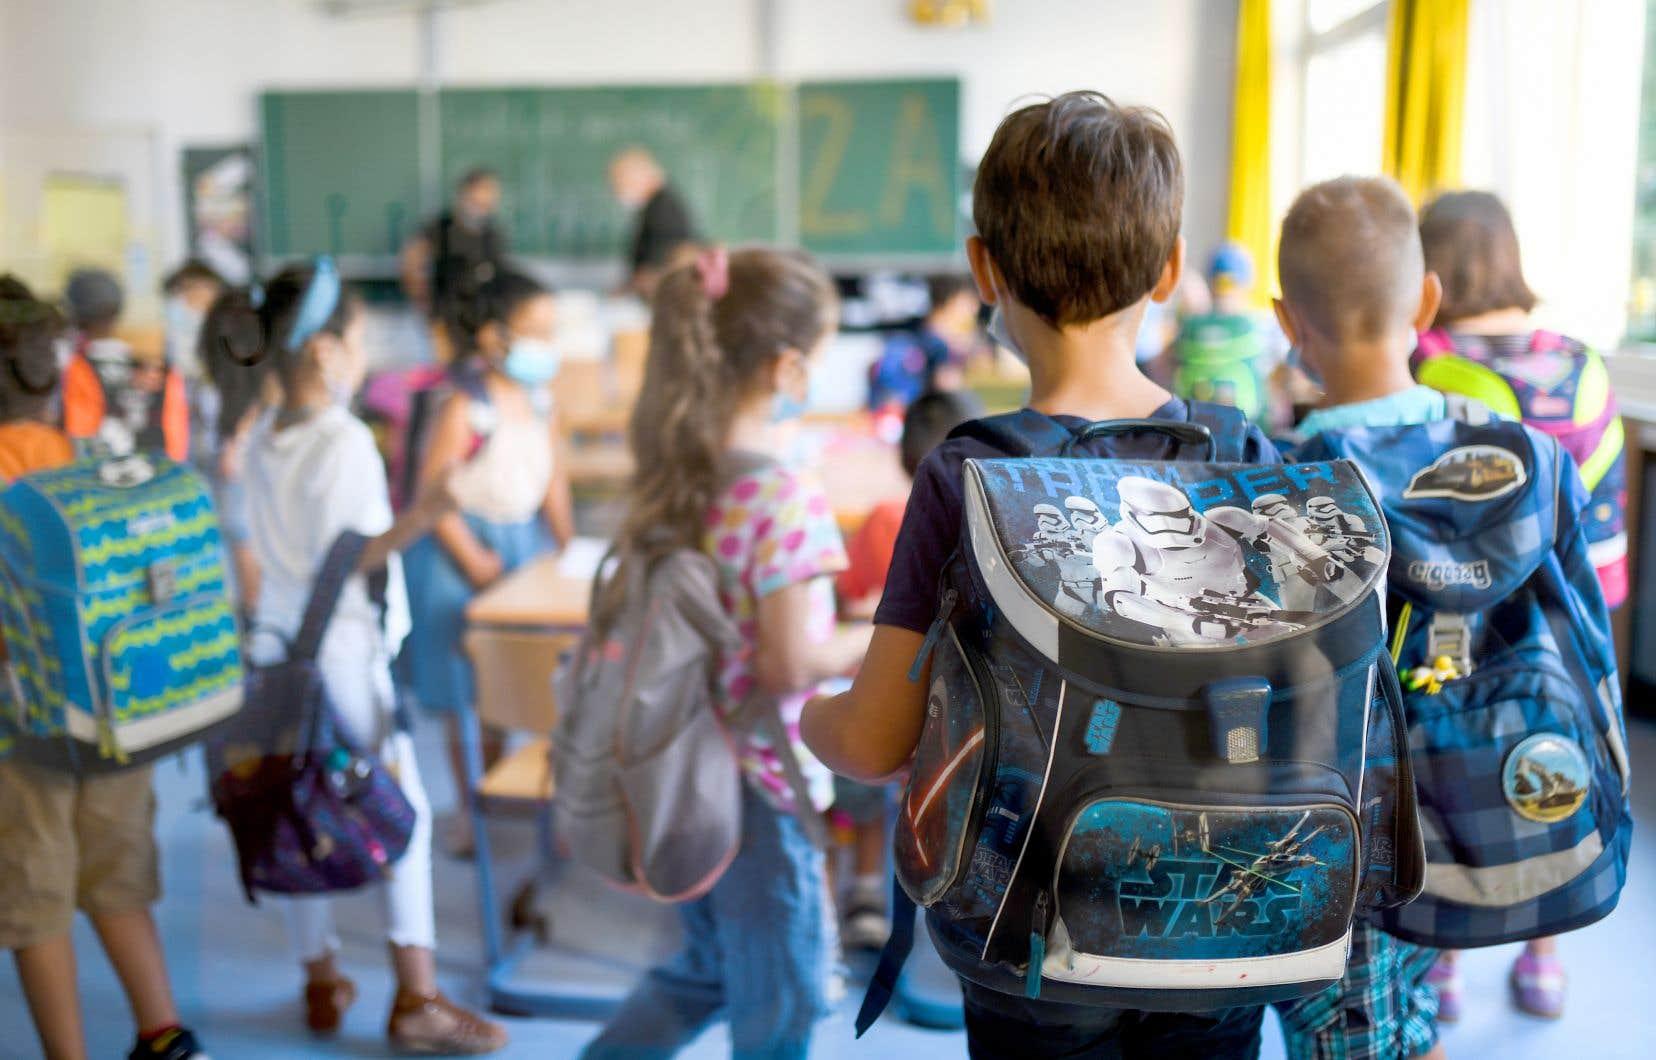 À la veille du congé des Fêtes, 40 % des écoles primaires et secondaires du Québec comptaient au moins un cas actif de COVID-19 parmi leurs élèves ou leur personnel.